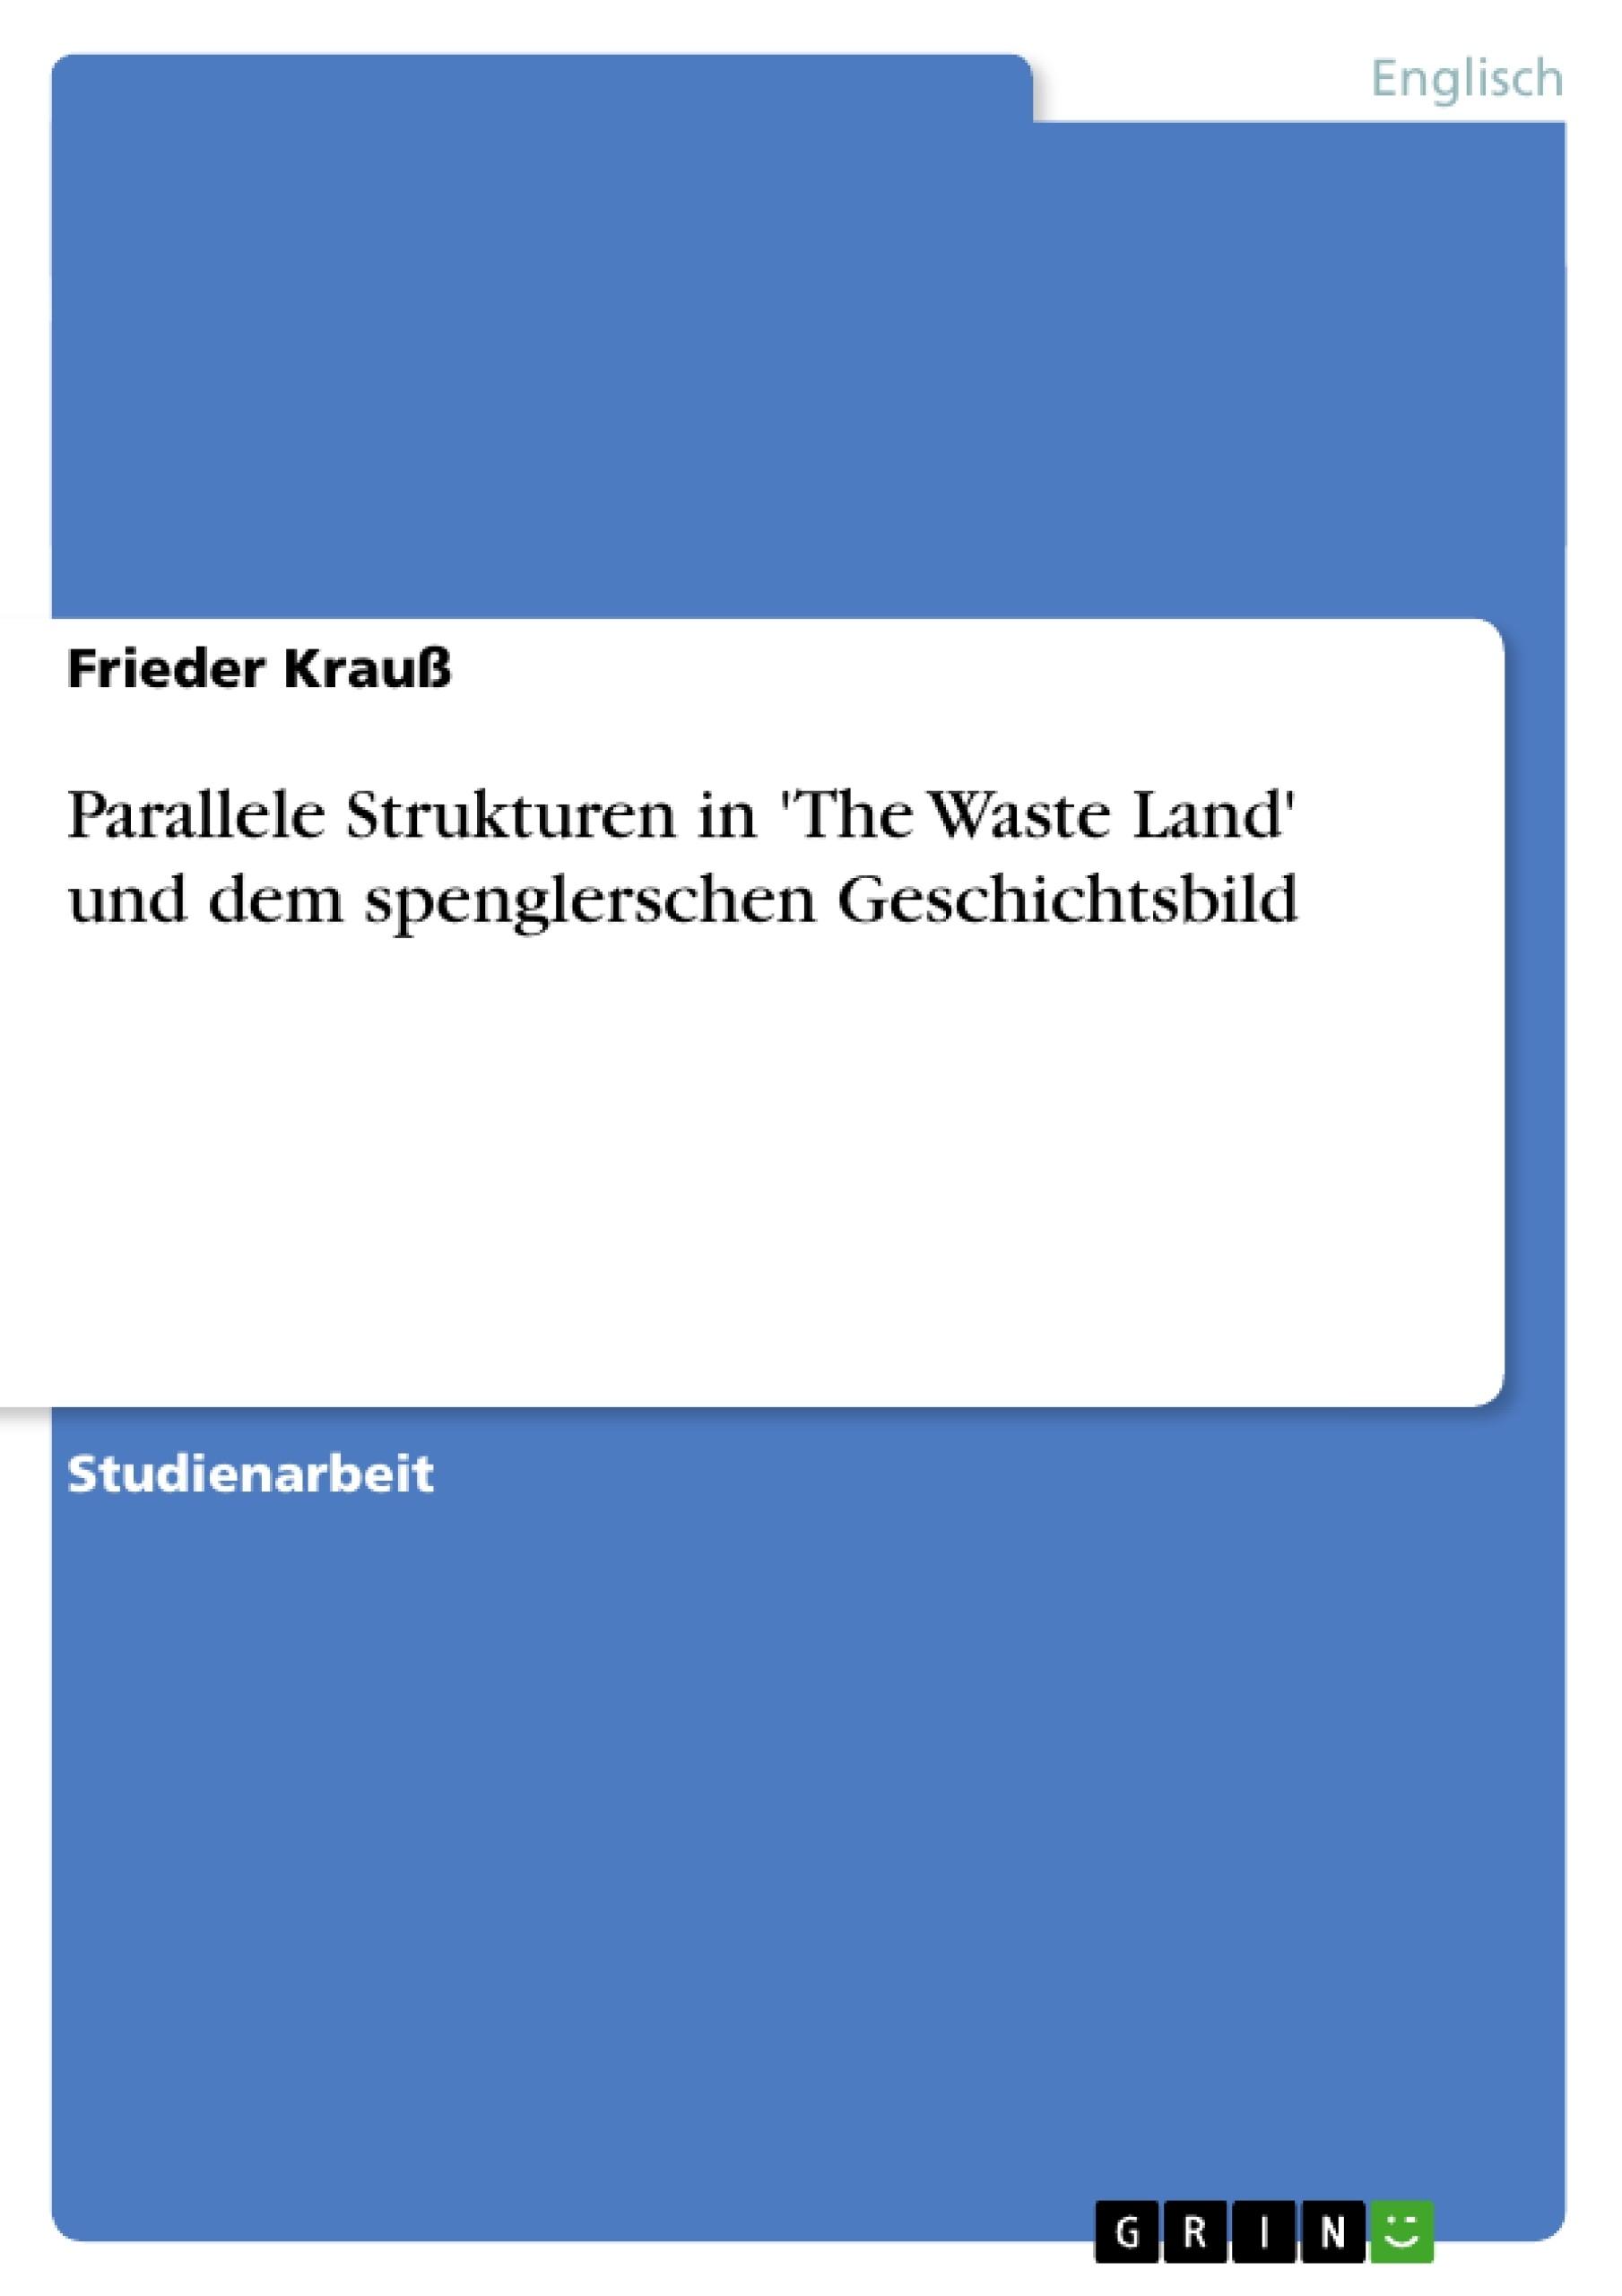 Titel: Parallele Strukturen in 'The Waste Land' und dem spenglerschen Geschichtsbild